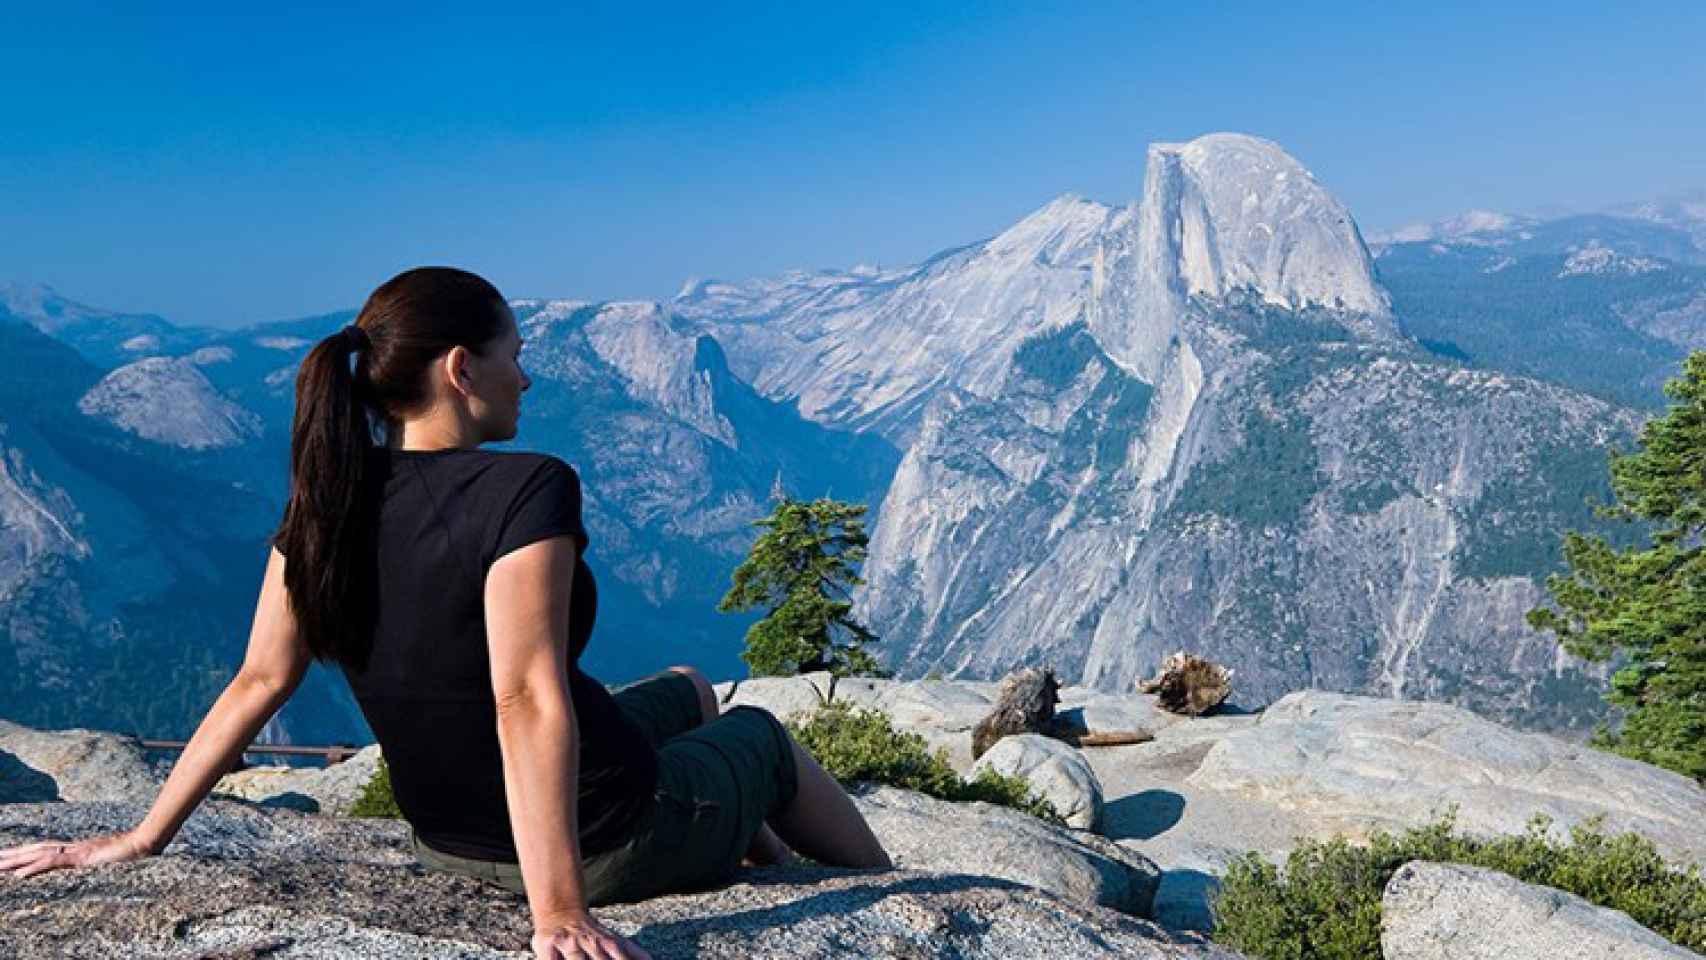 Una de las vistas que ofrece el parque de Yosemite.